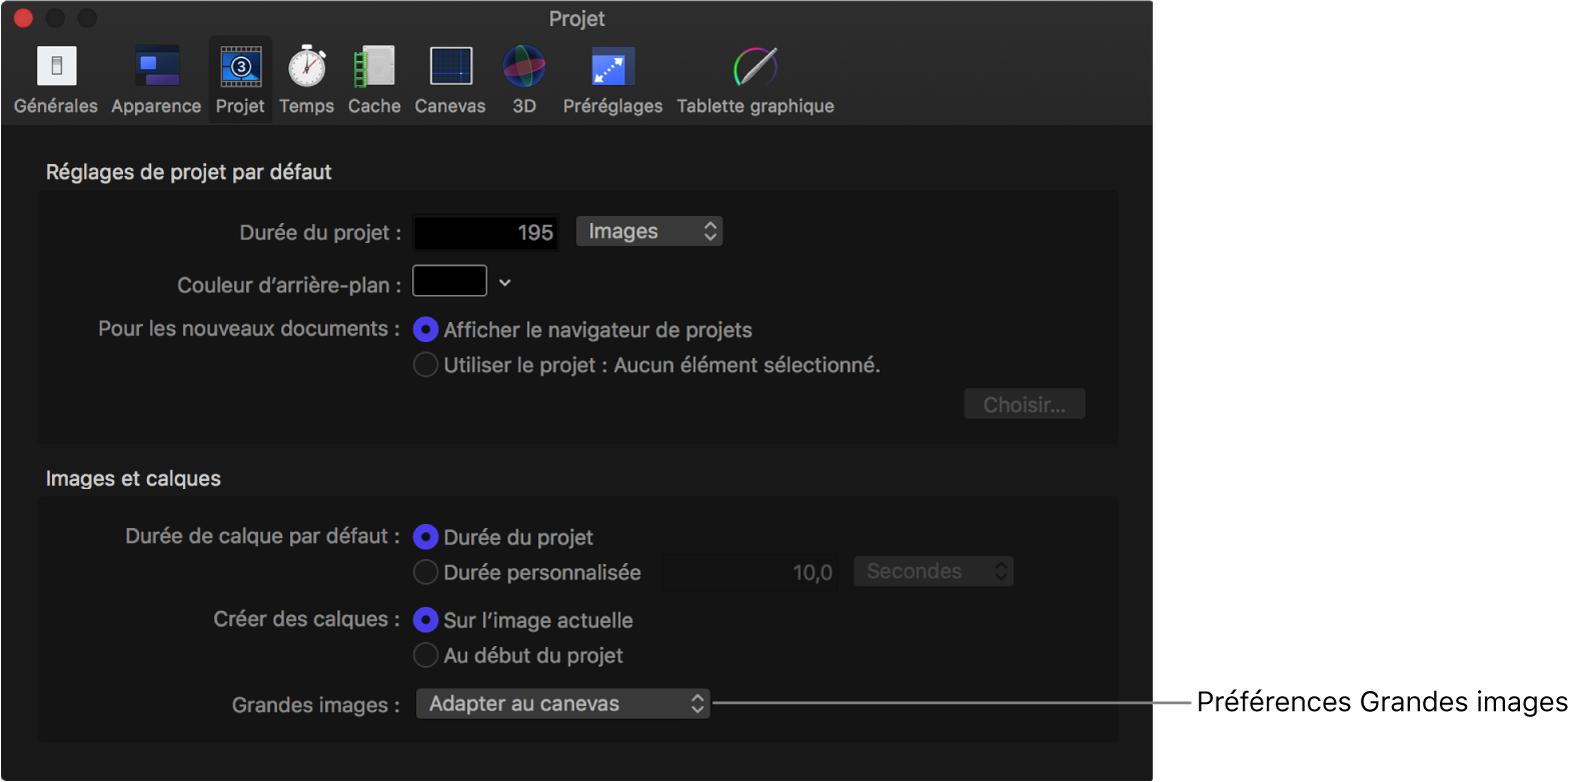 Fenêtre Préférences affichant une fenêtre de projet avec le menu local Grandes images réglé sur Adapter au canevas